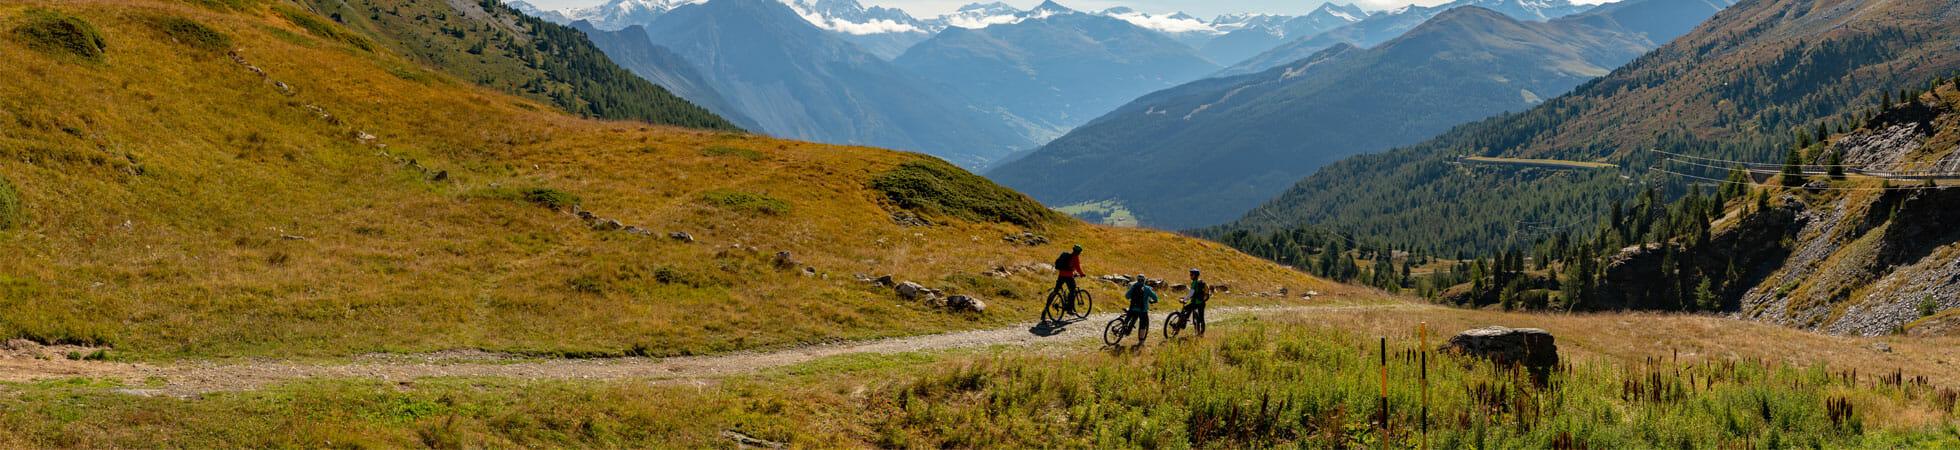 Vacances sportives VTT parc national Suisse